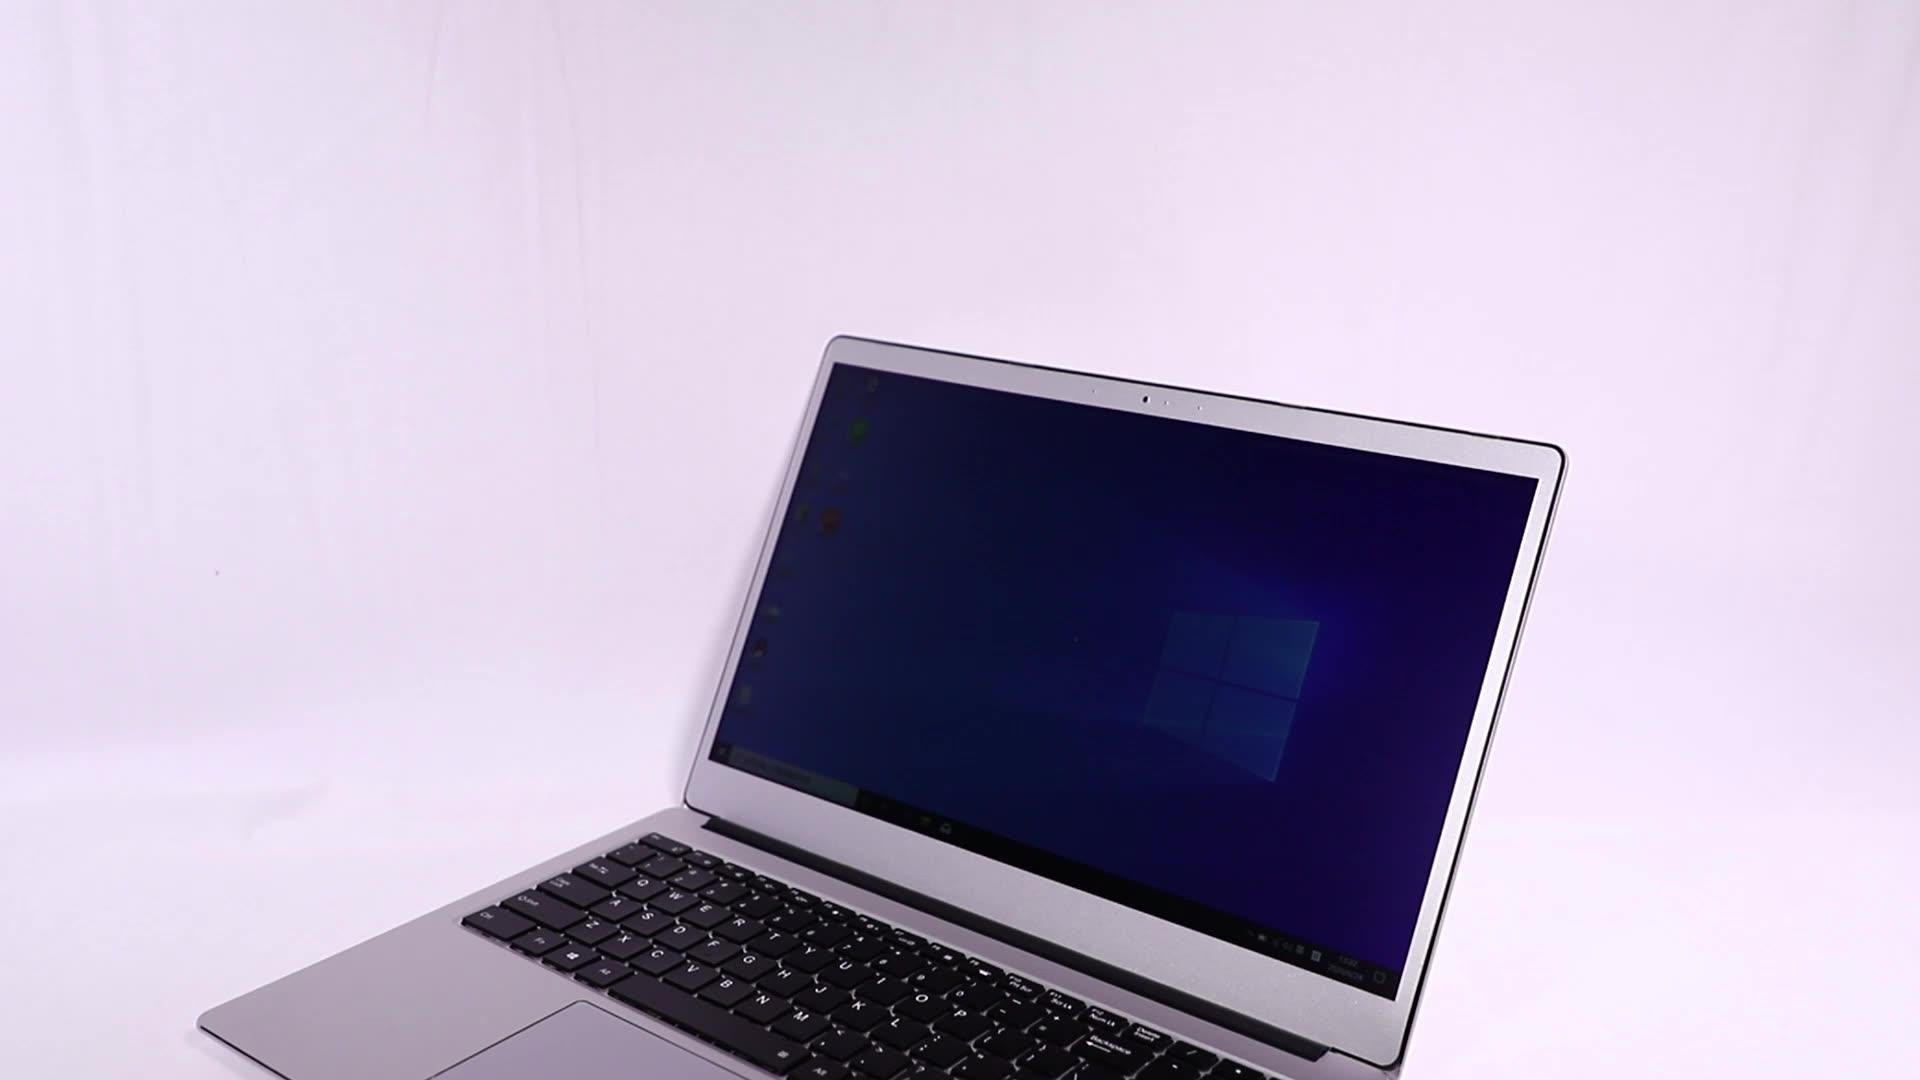 Ultrabook 슬림 노트북 코어 i7 8GB 15.6 인치 노트북 i7 16GB RAM